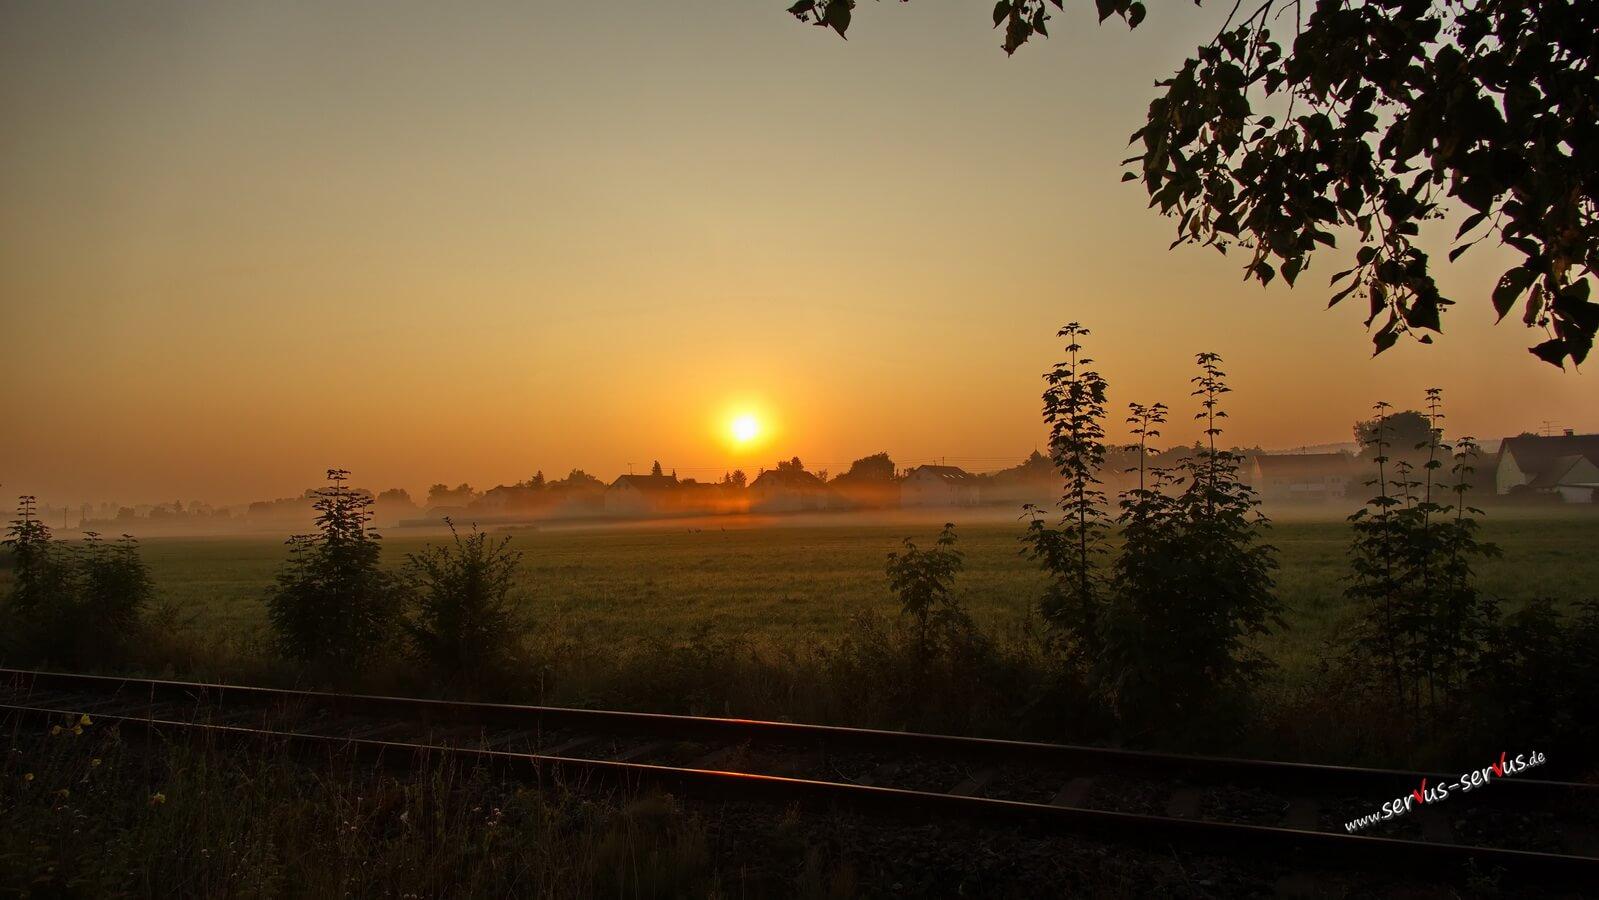 Morgensonne am Bahngleis